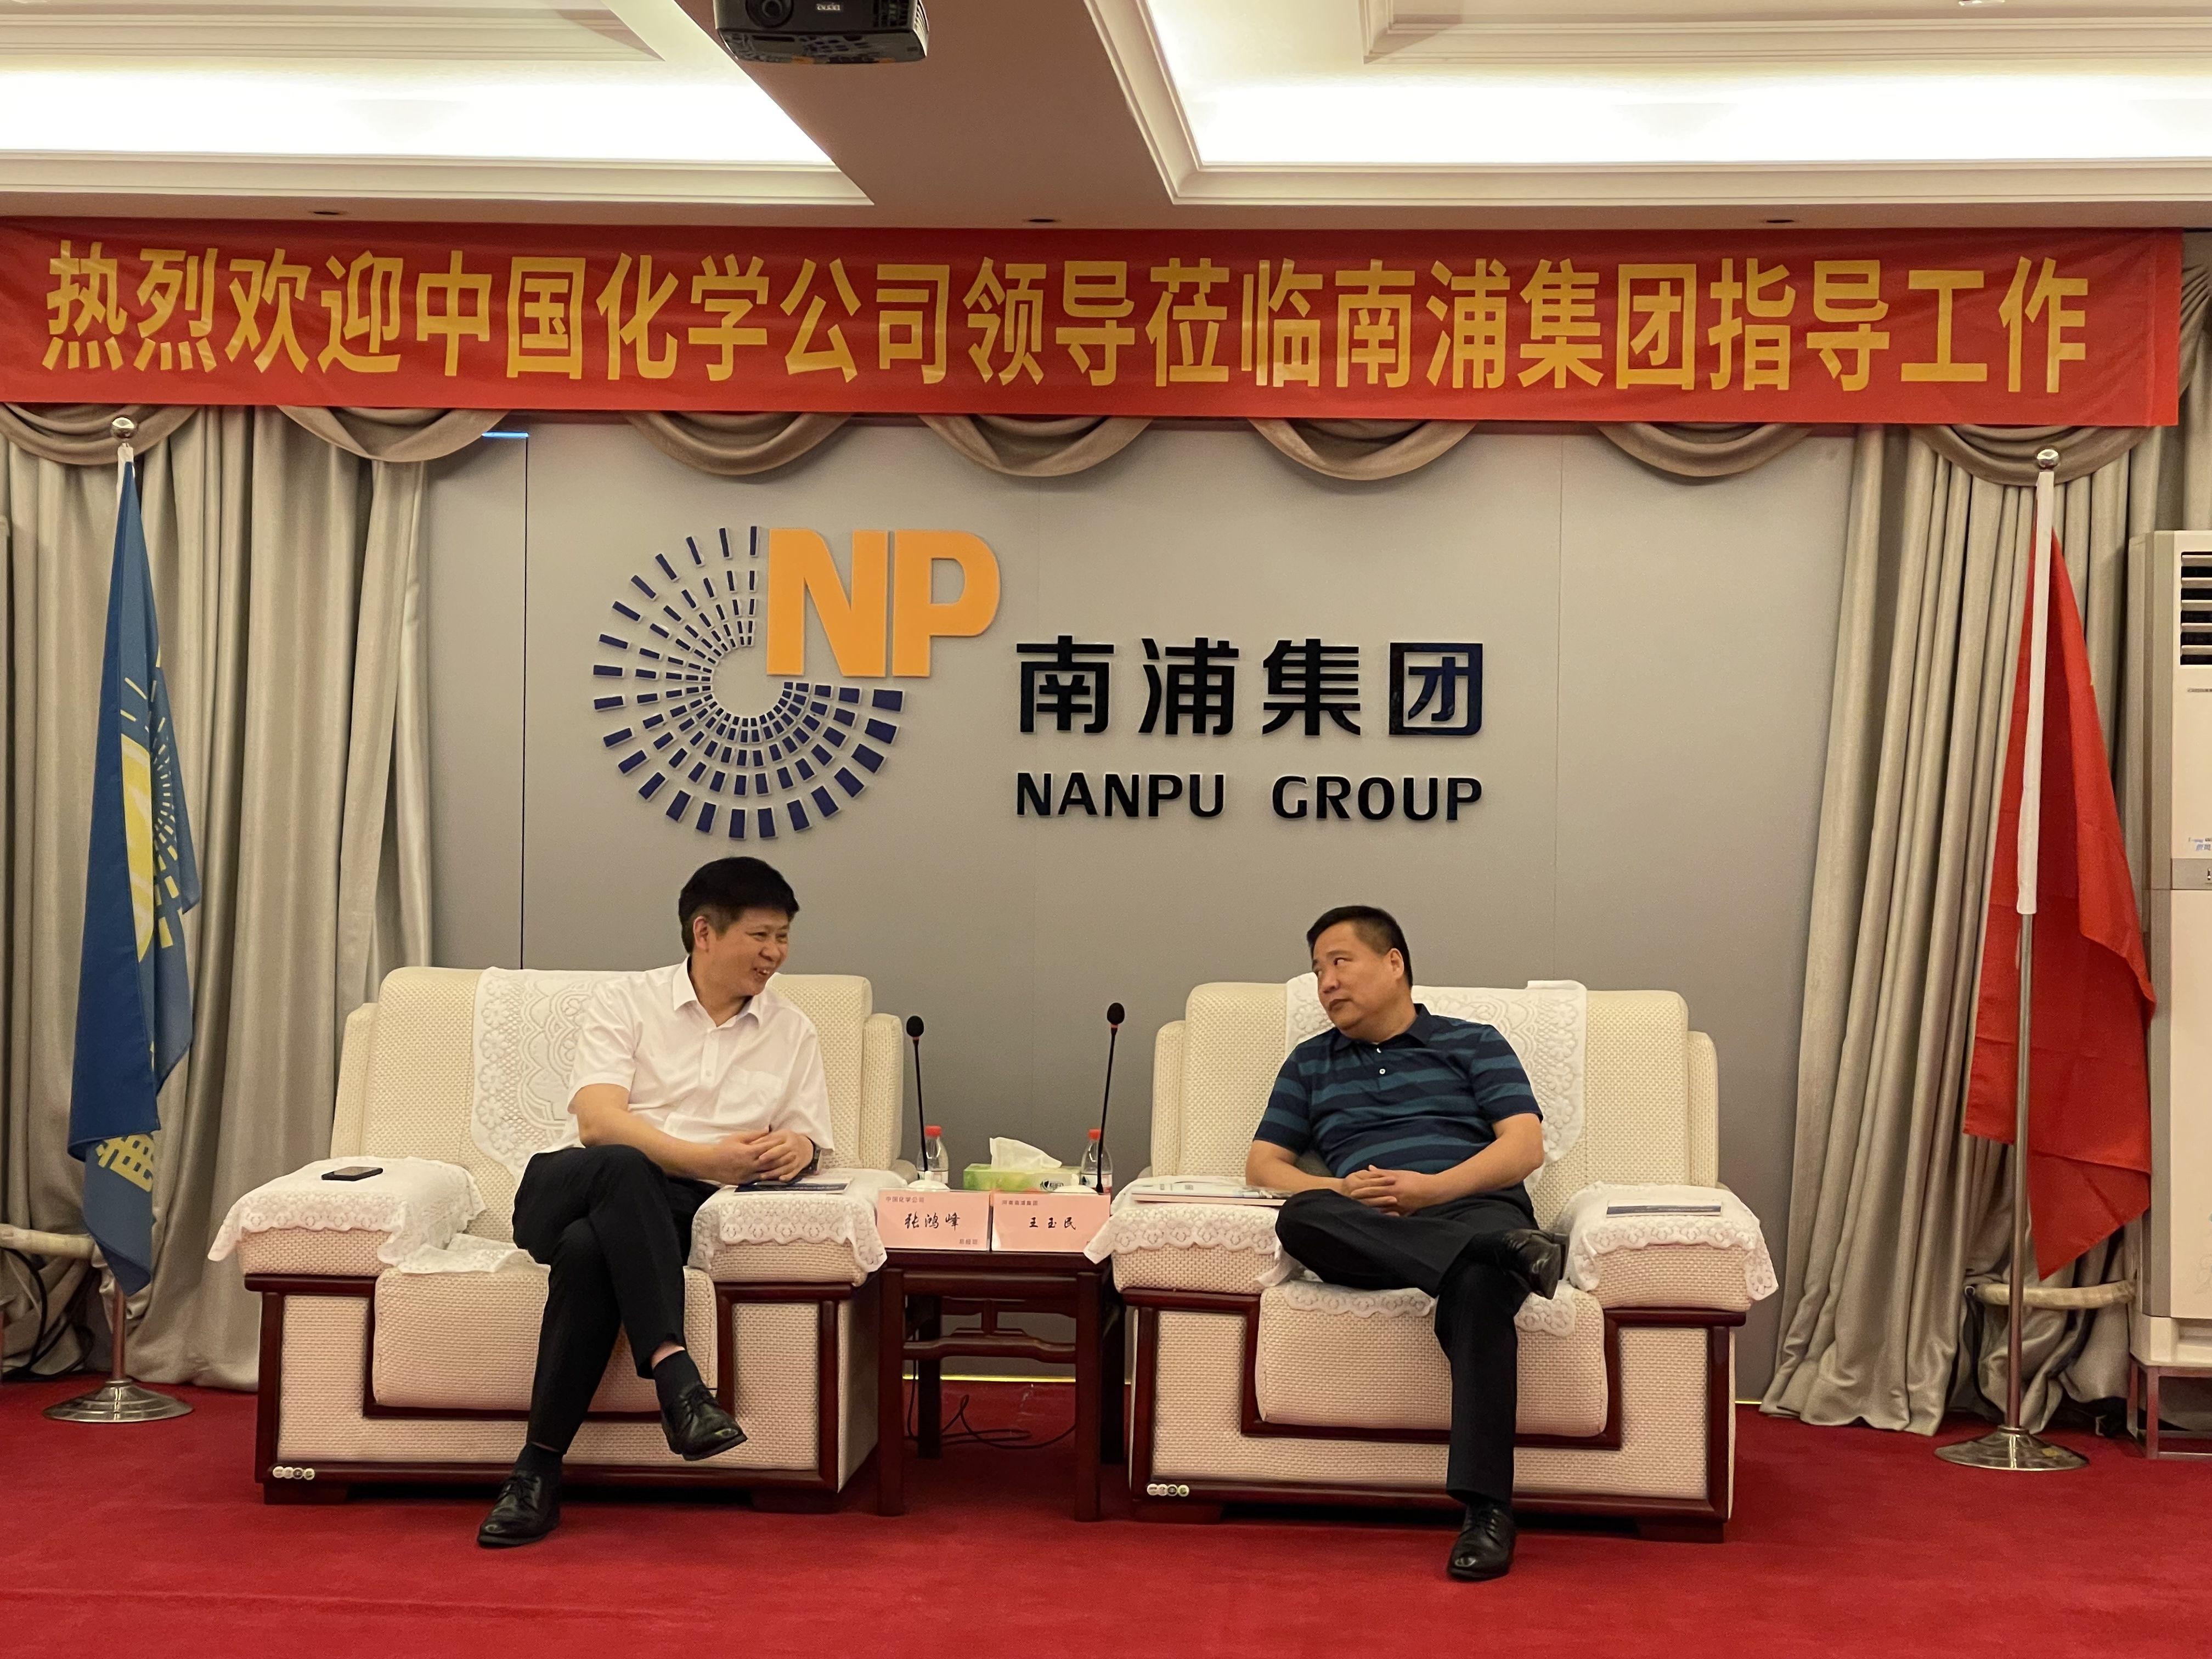 中国化学领导张鸿峰一行来郑考察南浦集团丙烷-聚丙烯酰胺产业链项目